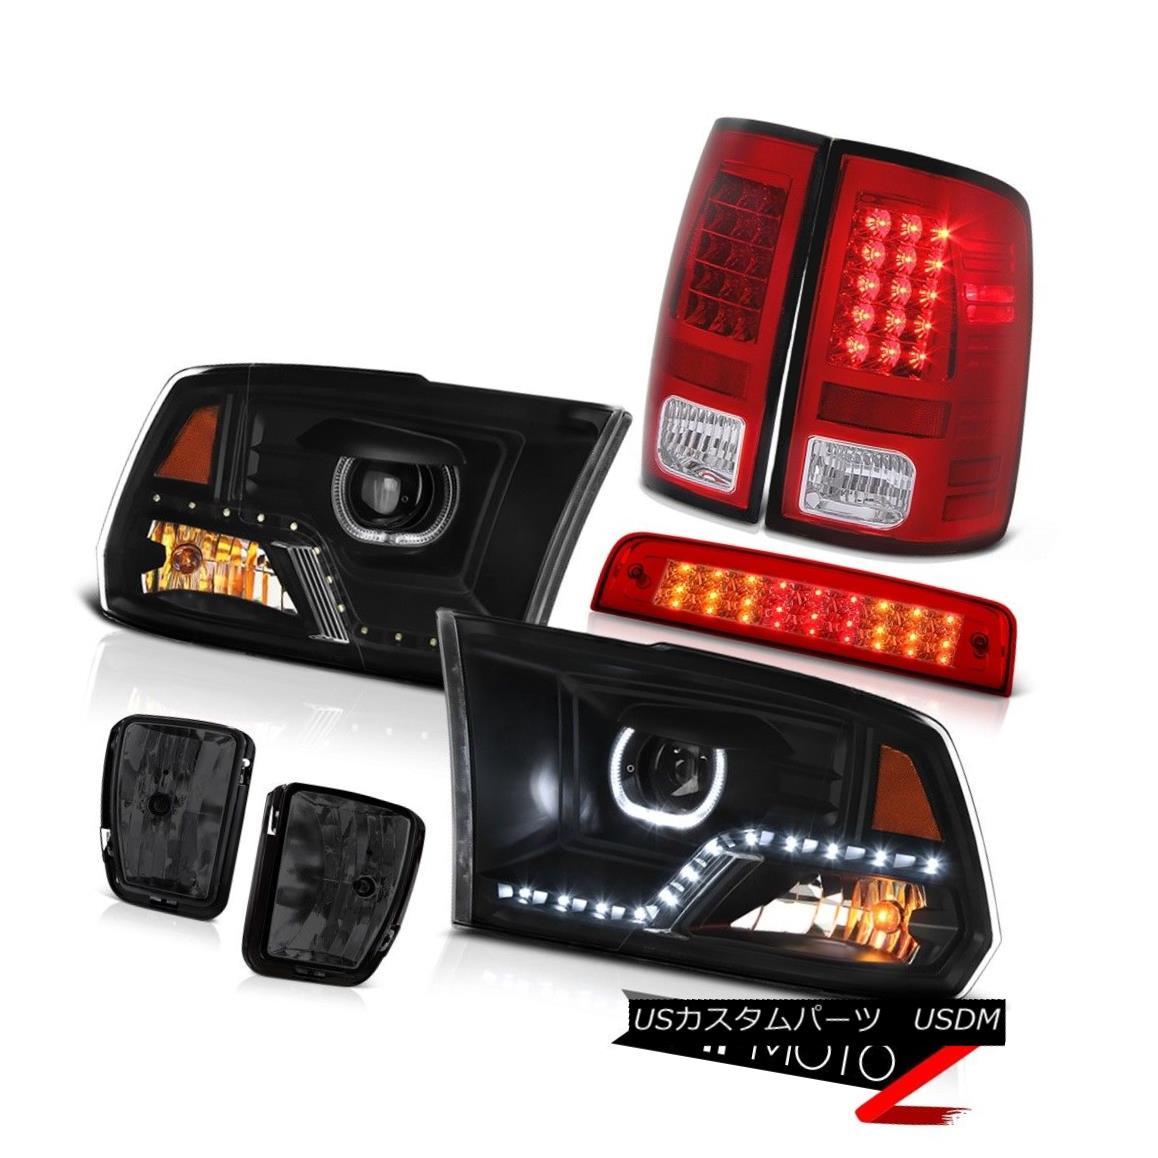 テールライト 13-18 Dodge RAM 1500 Head Light Brake Smoked Driving Lamp Tail Light SET PAIR 13-18 Dodge RAM 1500ヘッドライトブレーキスモークドライビングランプテールライトSET PAIR